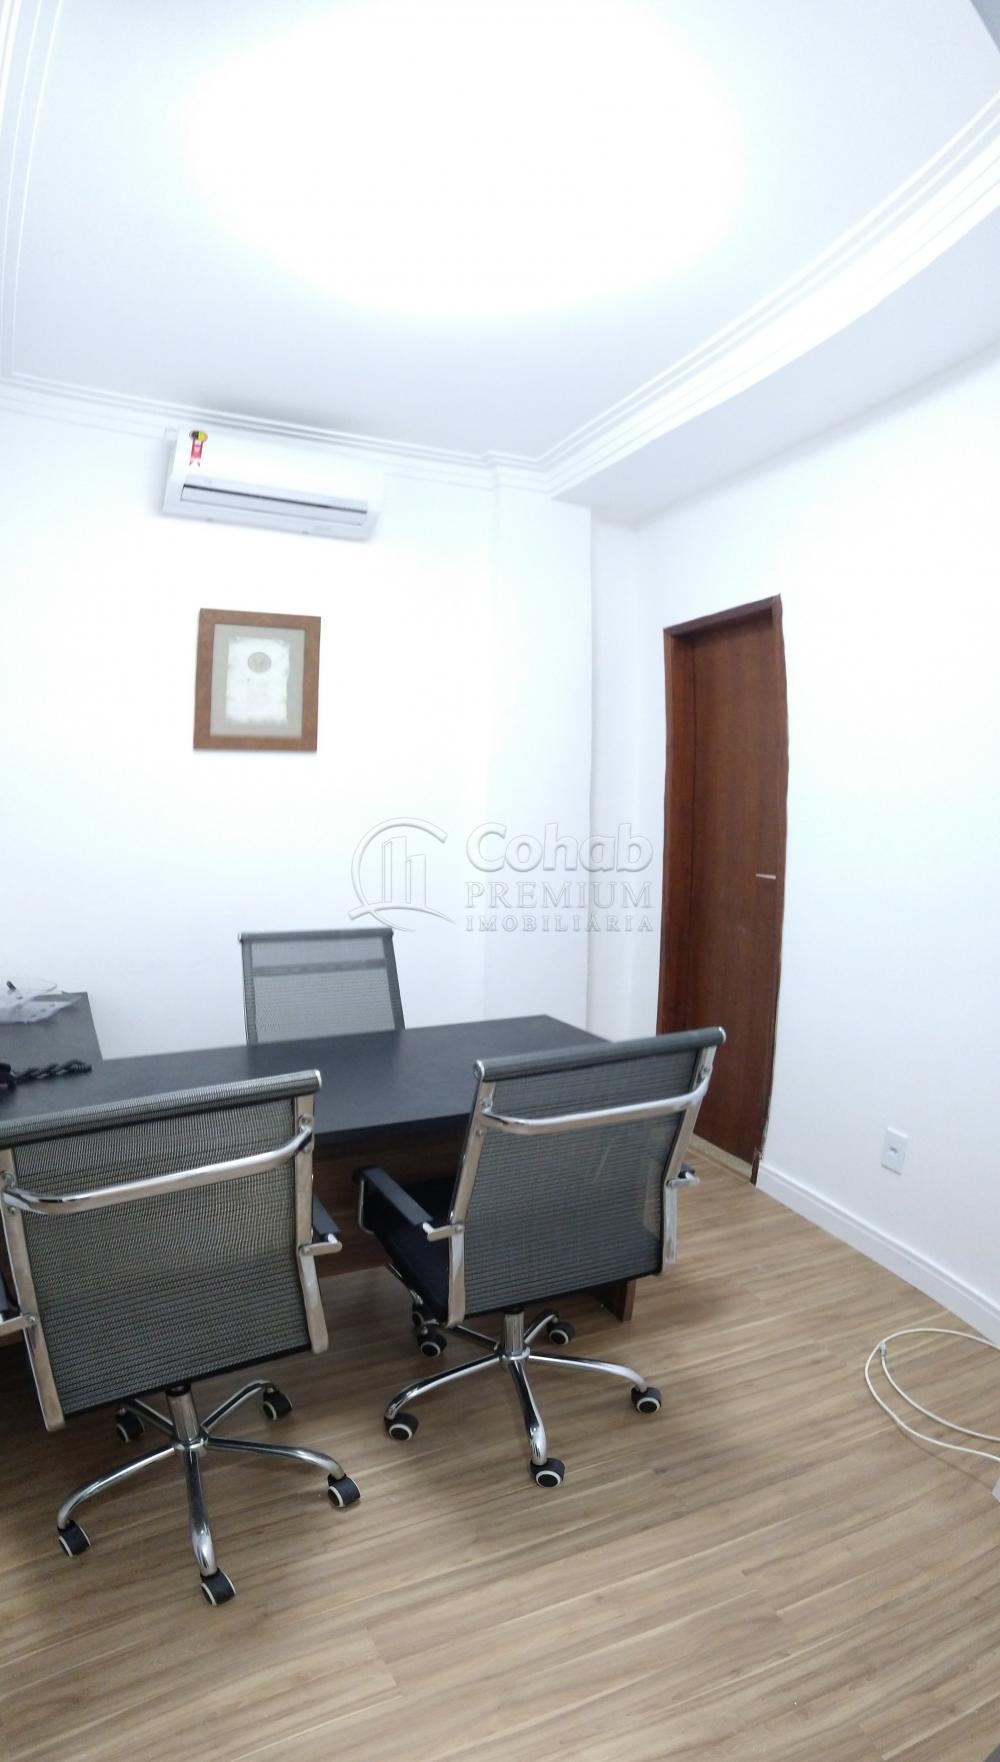 Alugar Comercial / Ponto Comercial em Aracaju apenas R$ 8.000,00 - Foto 11